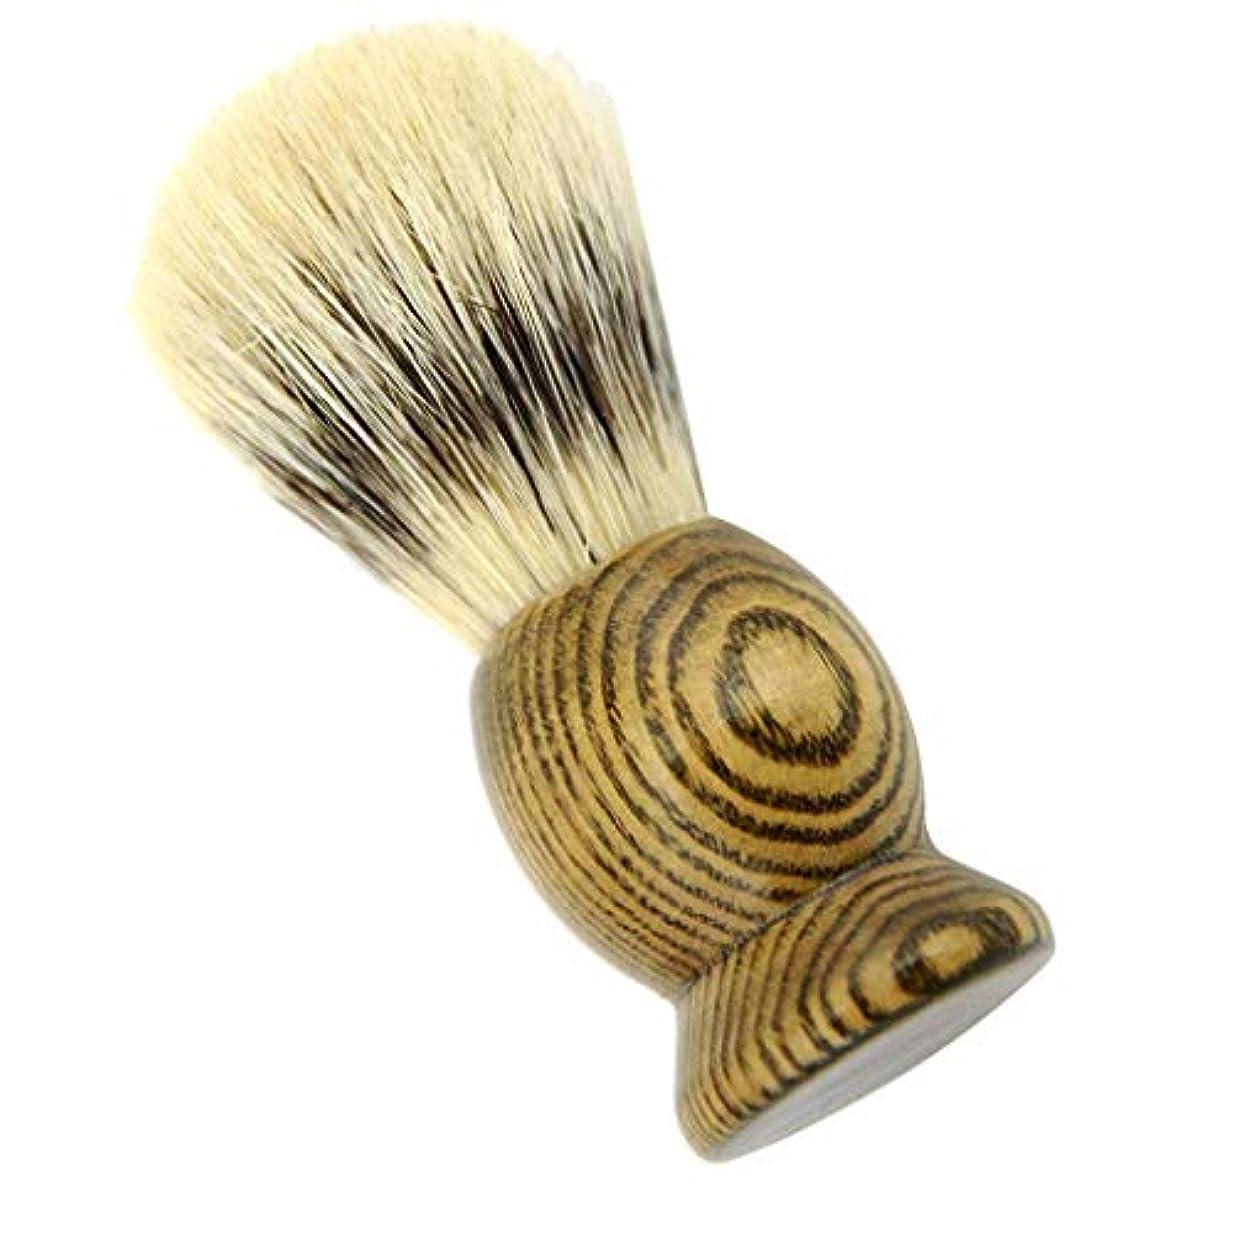 ビヨン脅迫コーンHellery メンズ用 髭剃り ブラシ シェービングブラシ 男性 ギフト 理容 洗顔 髭剃り ボックス付